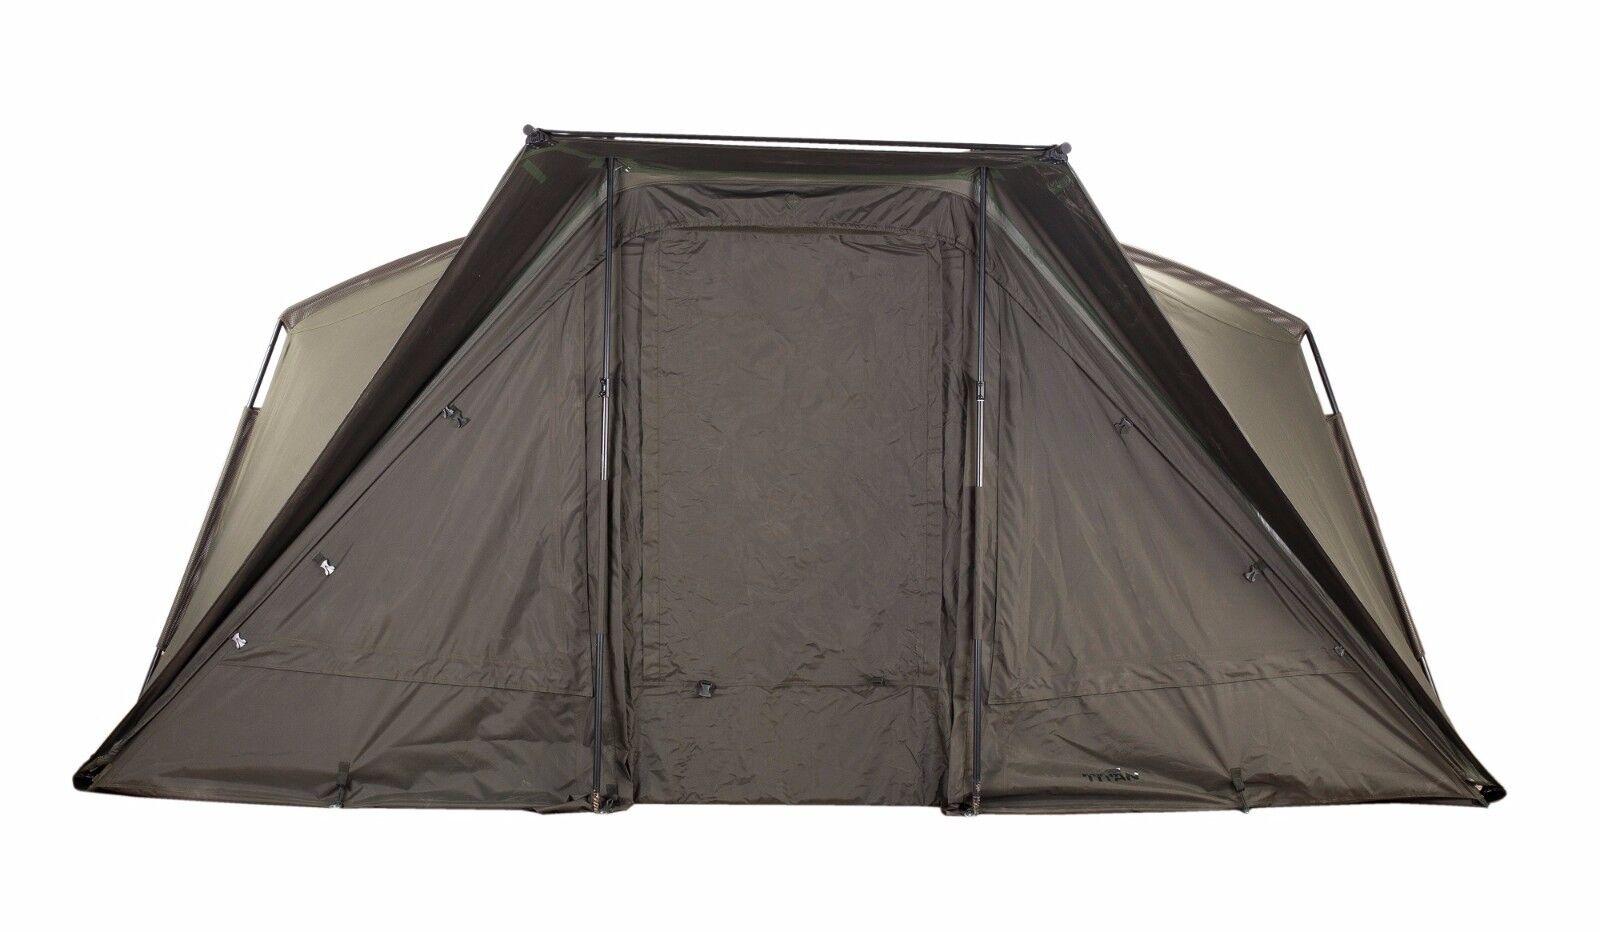 Nash Titan T3 Bivvy Shelter NEW Carp Fishing - T4105